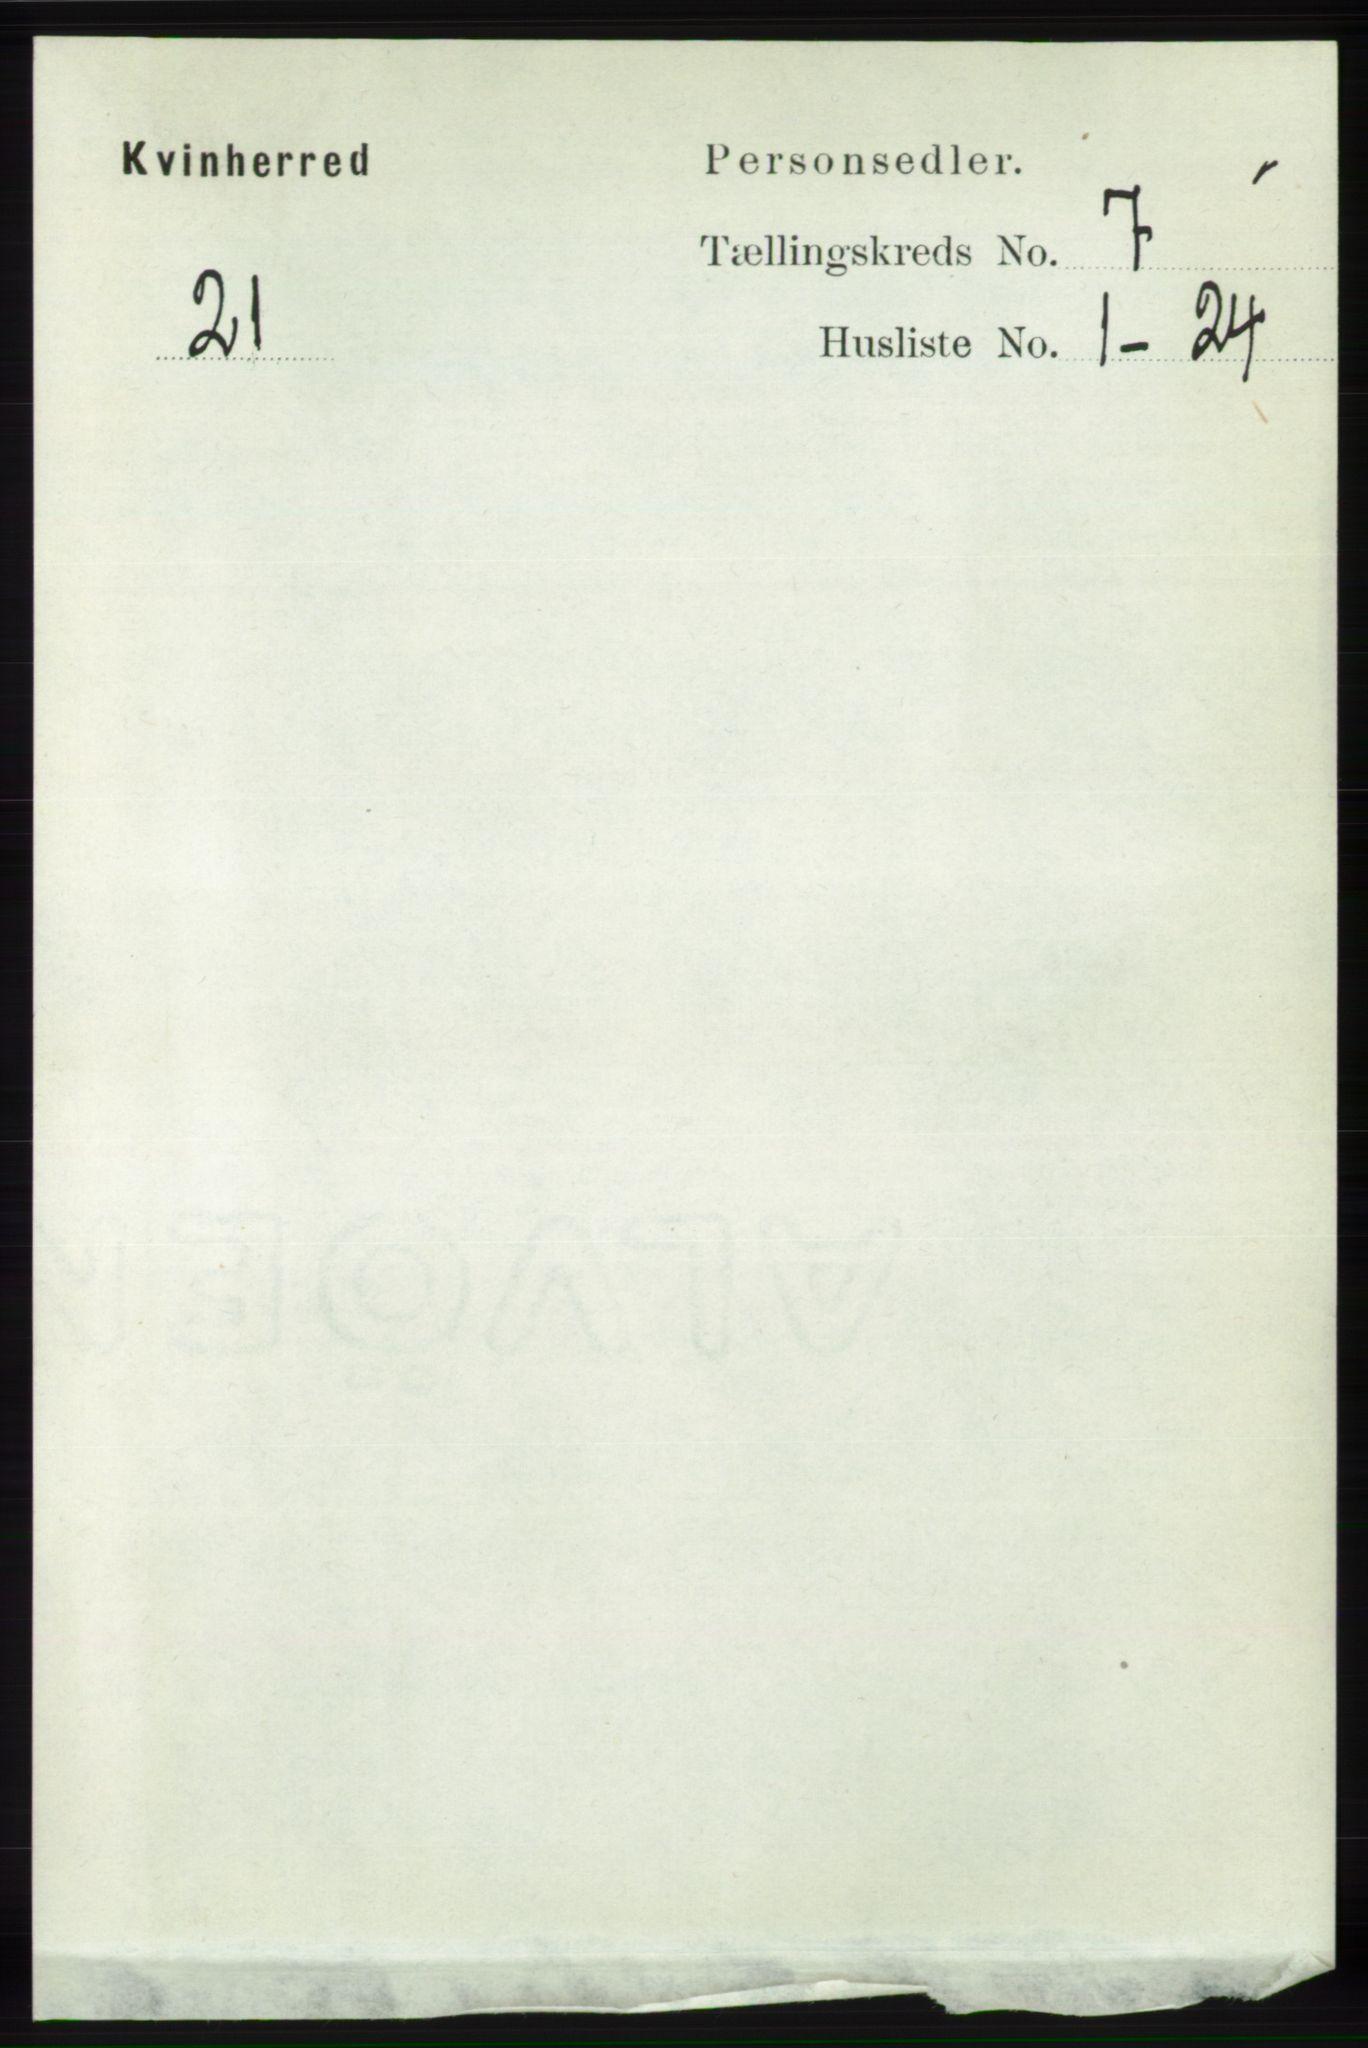 RA, Folketelling 1891 for 1224 Kvinnherad herred, 1891, s. 2448